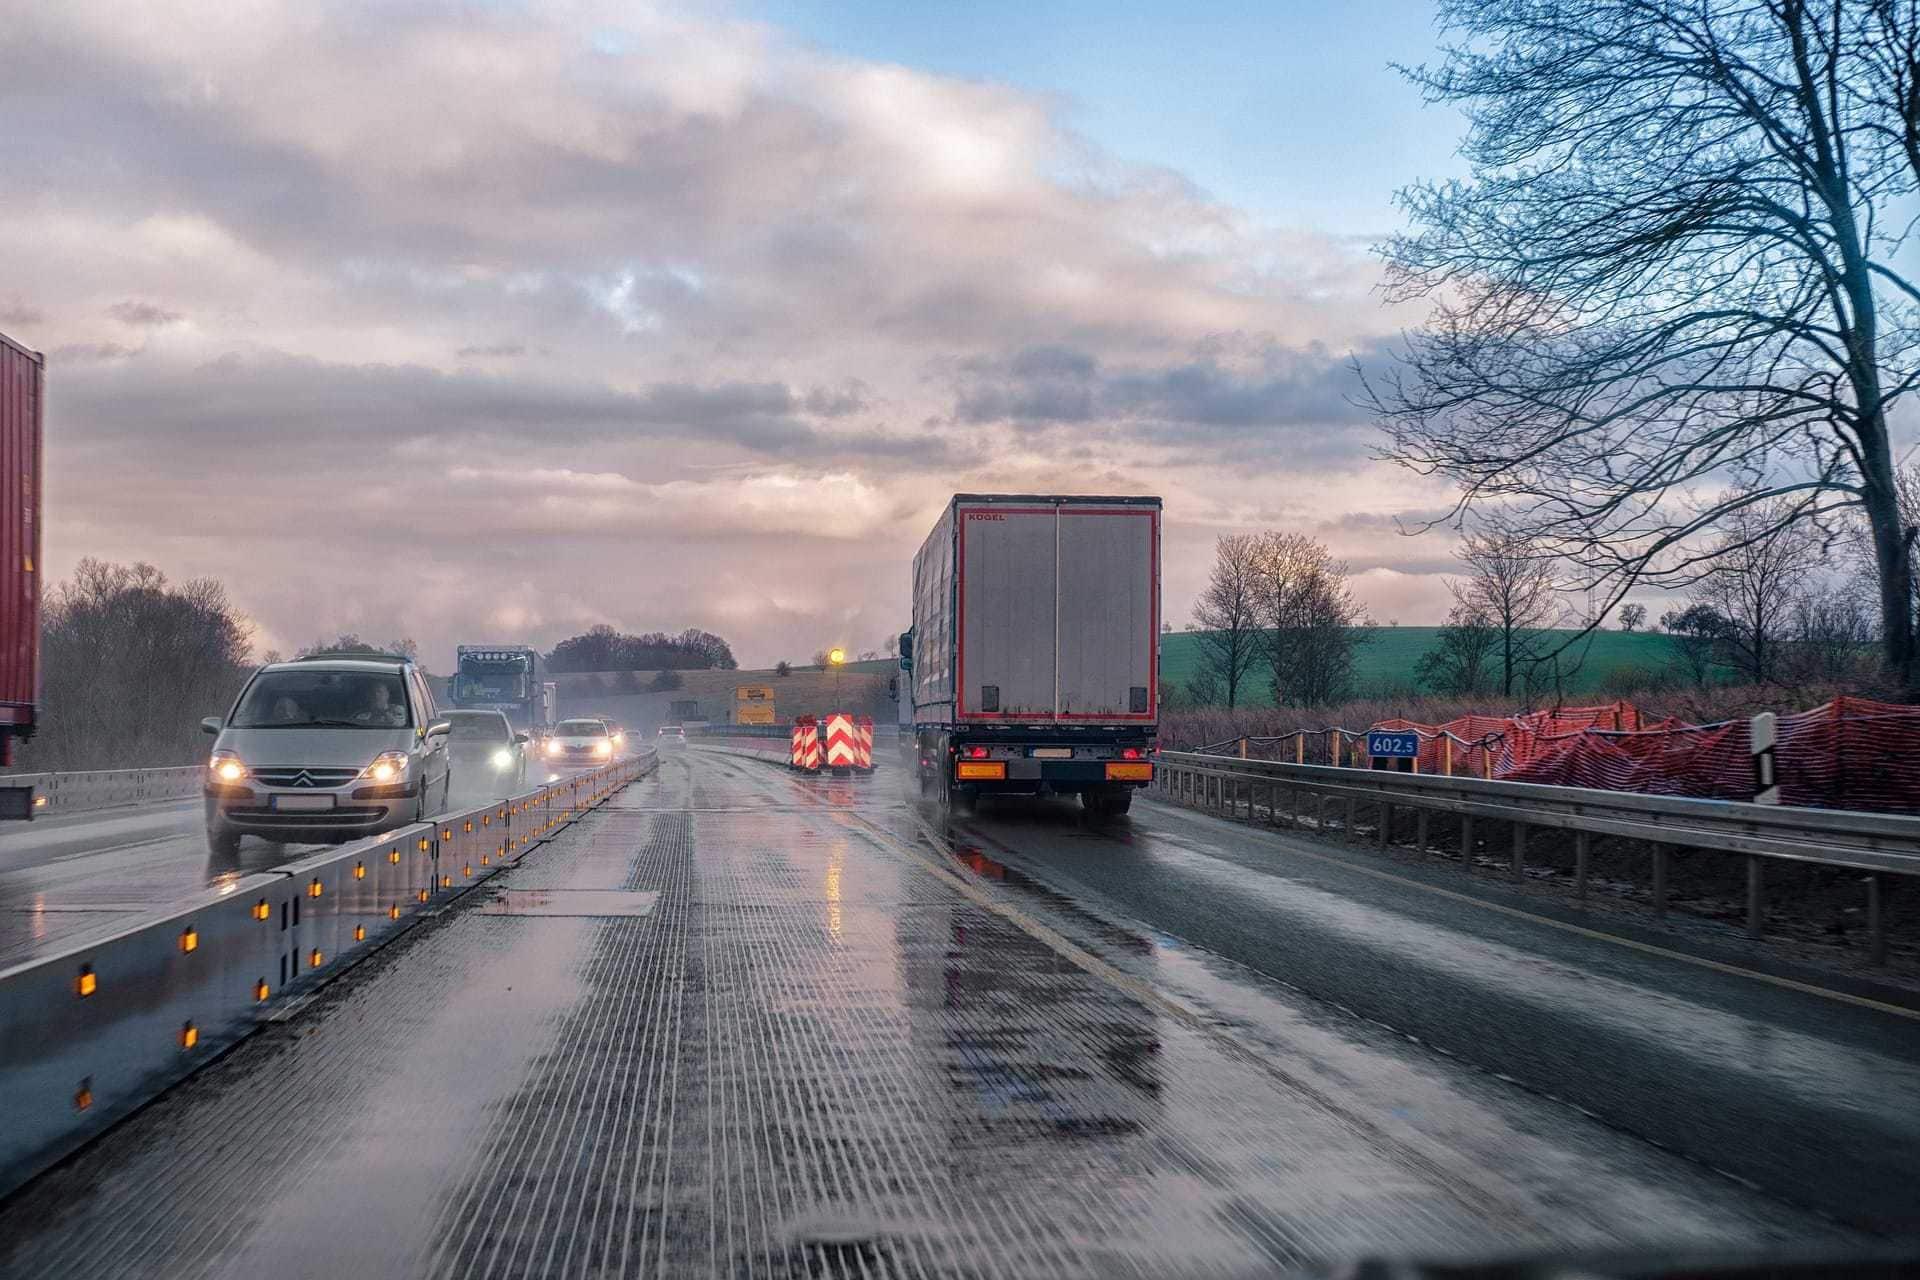 Brückenbauarbeiten auf der Autobahn A 3 wieder gesperrt (20./21.07.)